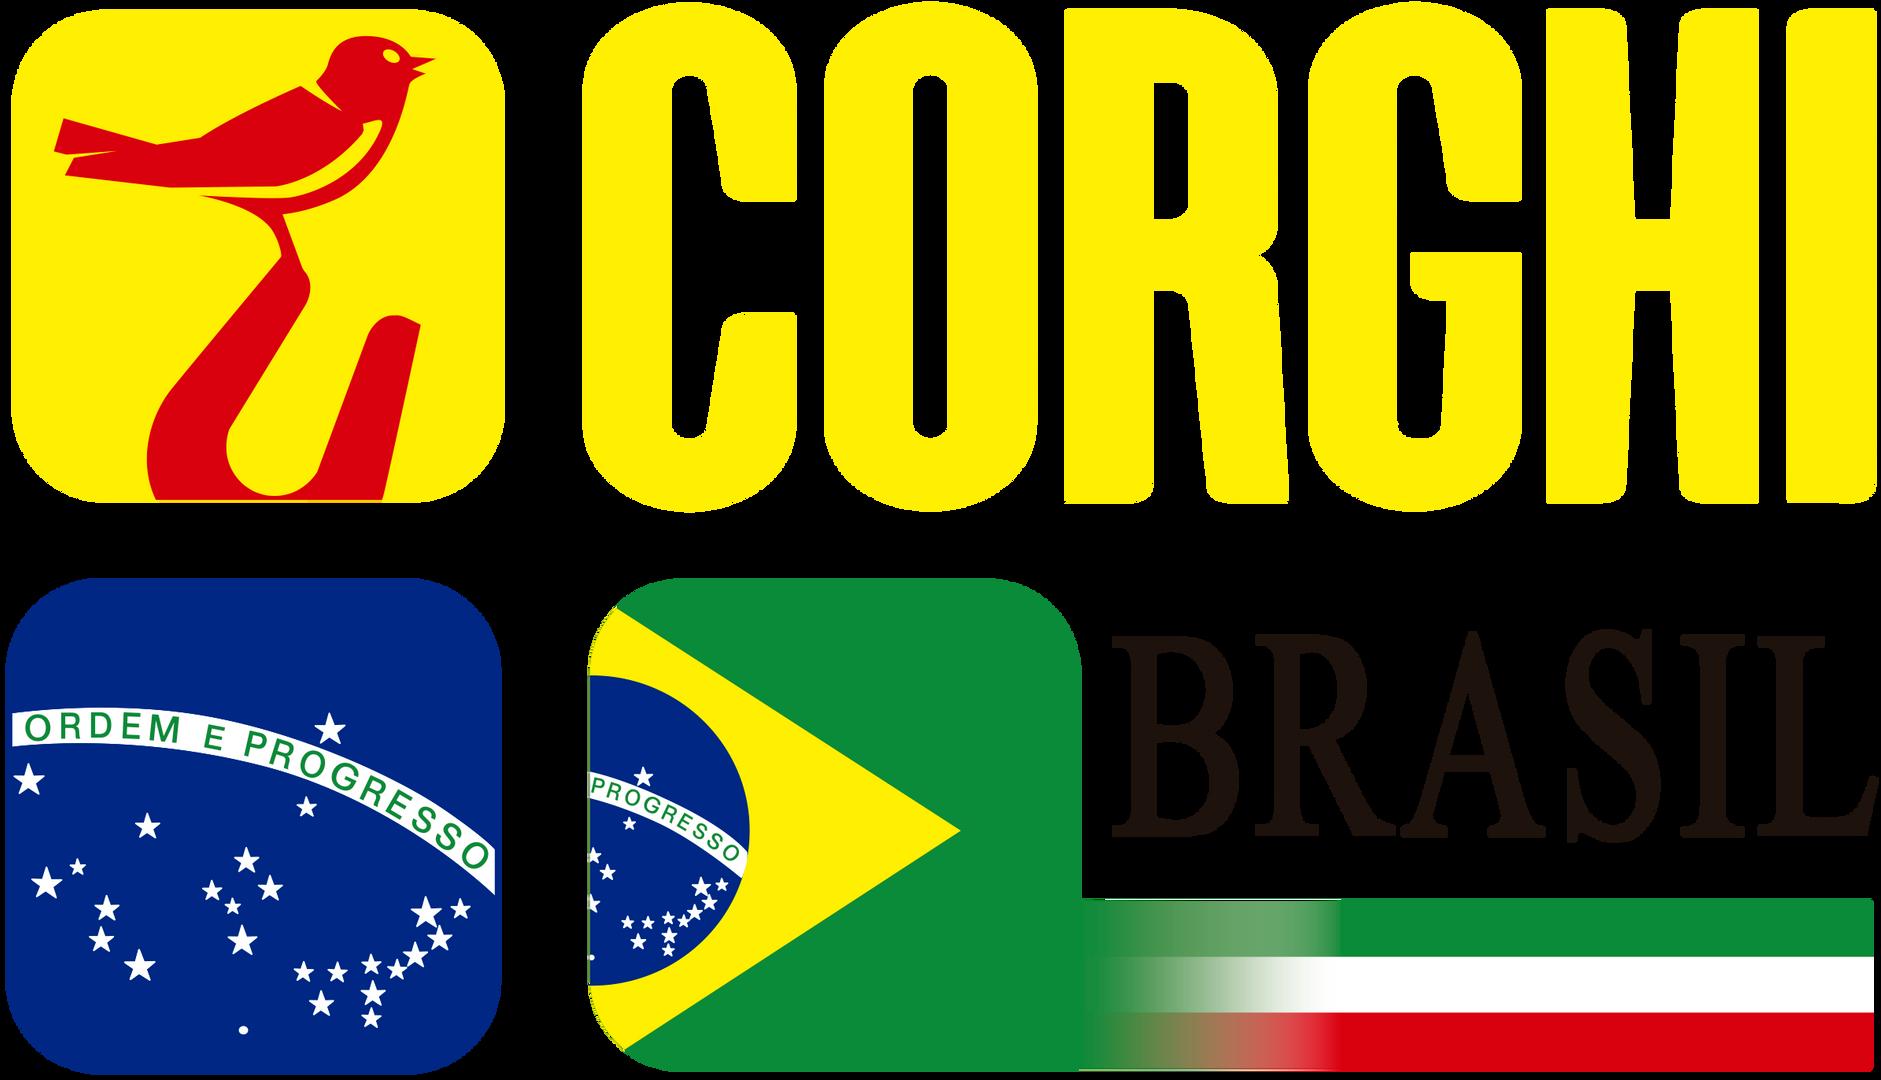 Logo_Brasile_2016.png